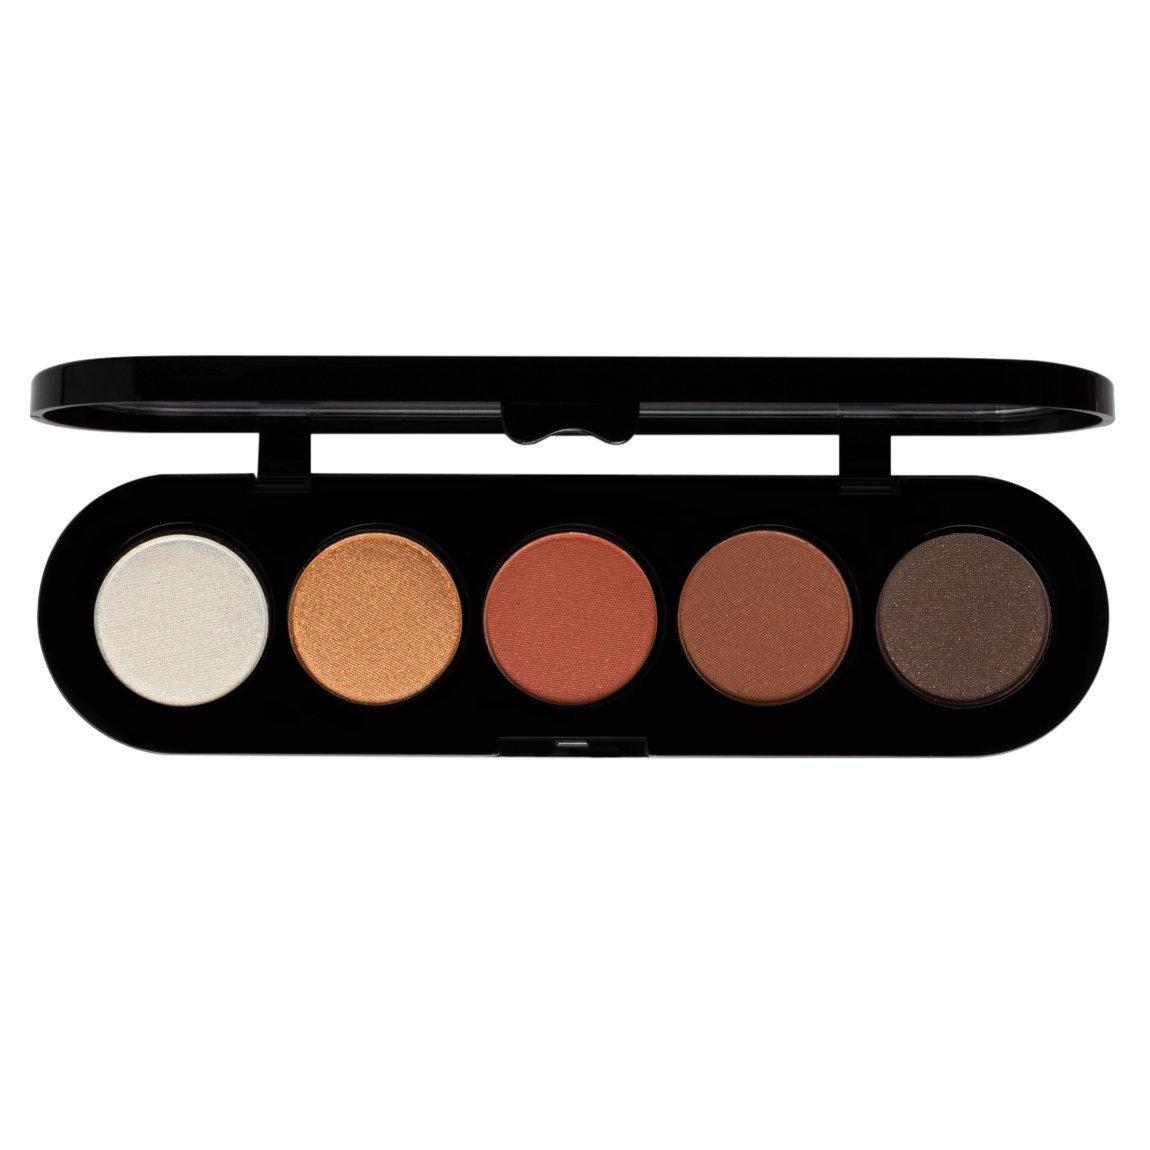 Makeup Atelier Eyeshadow Palette Honey Brown T15